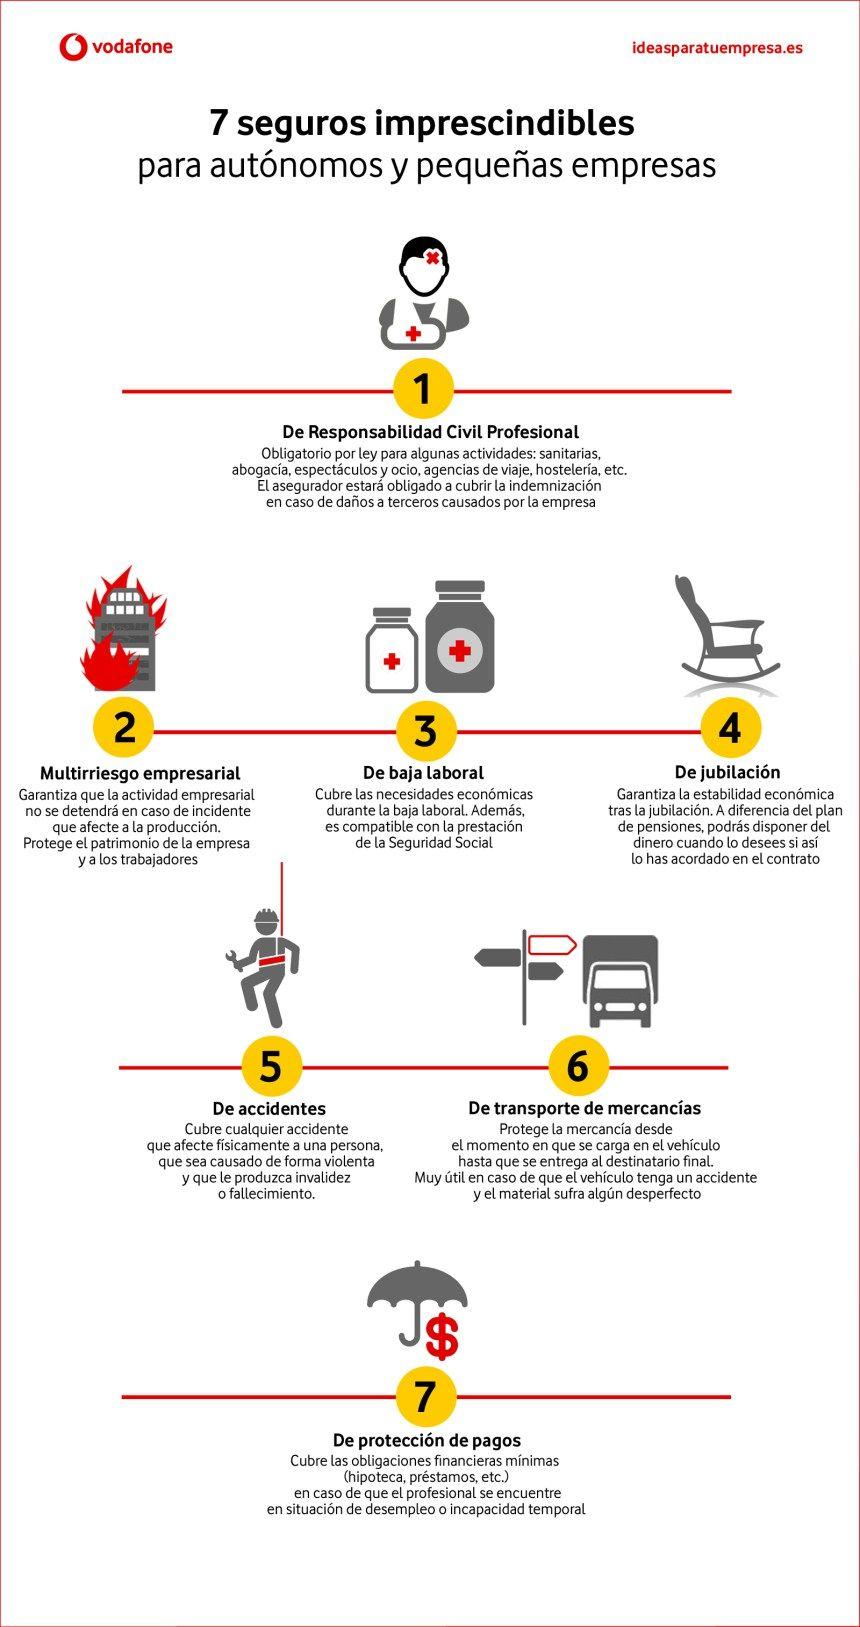 7 Seguros Imprescindibles Para Autónomos Y Pymes Infografia Infographic Entrepreneurship Tics Y Formación Pymes Seguro De Vida Seguros